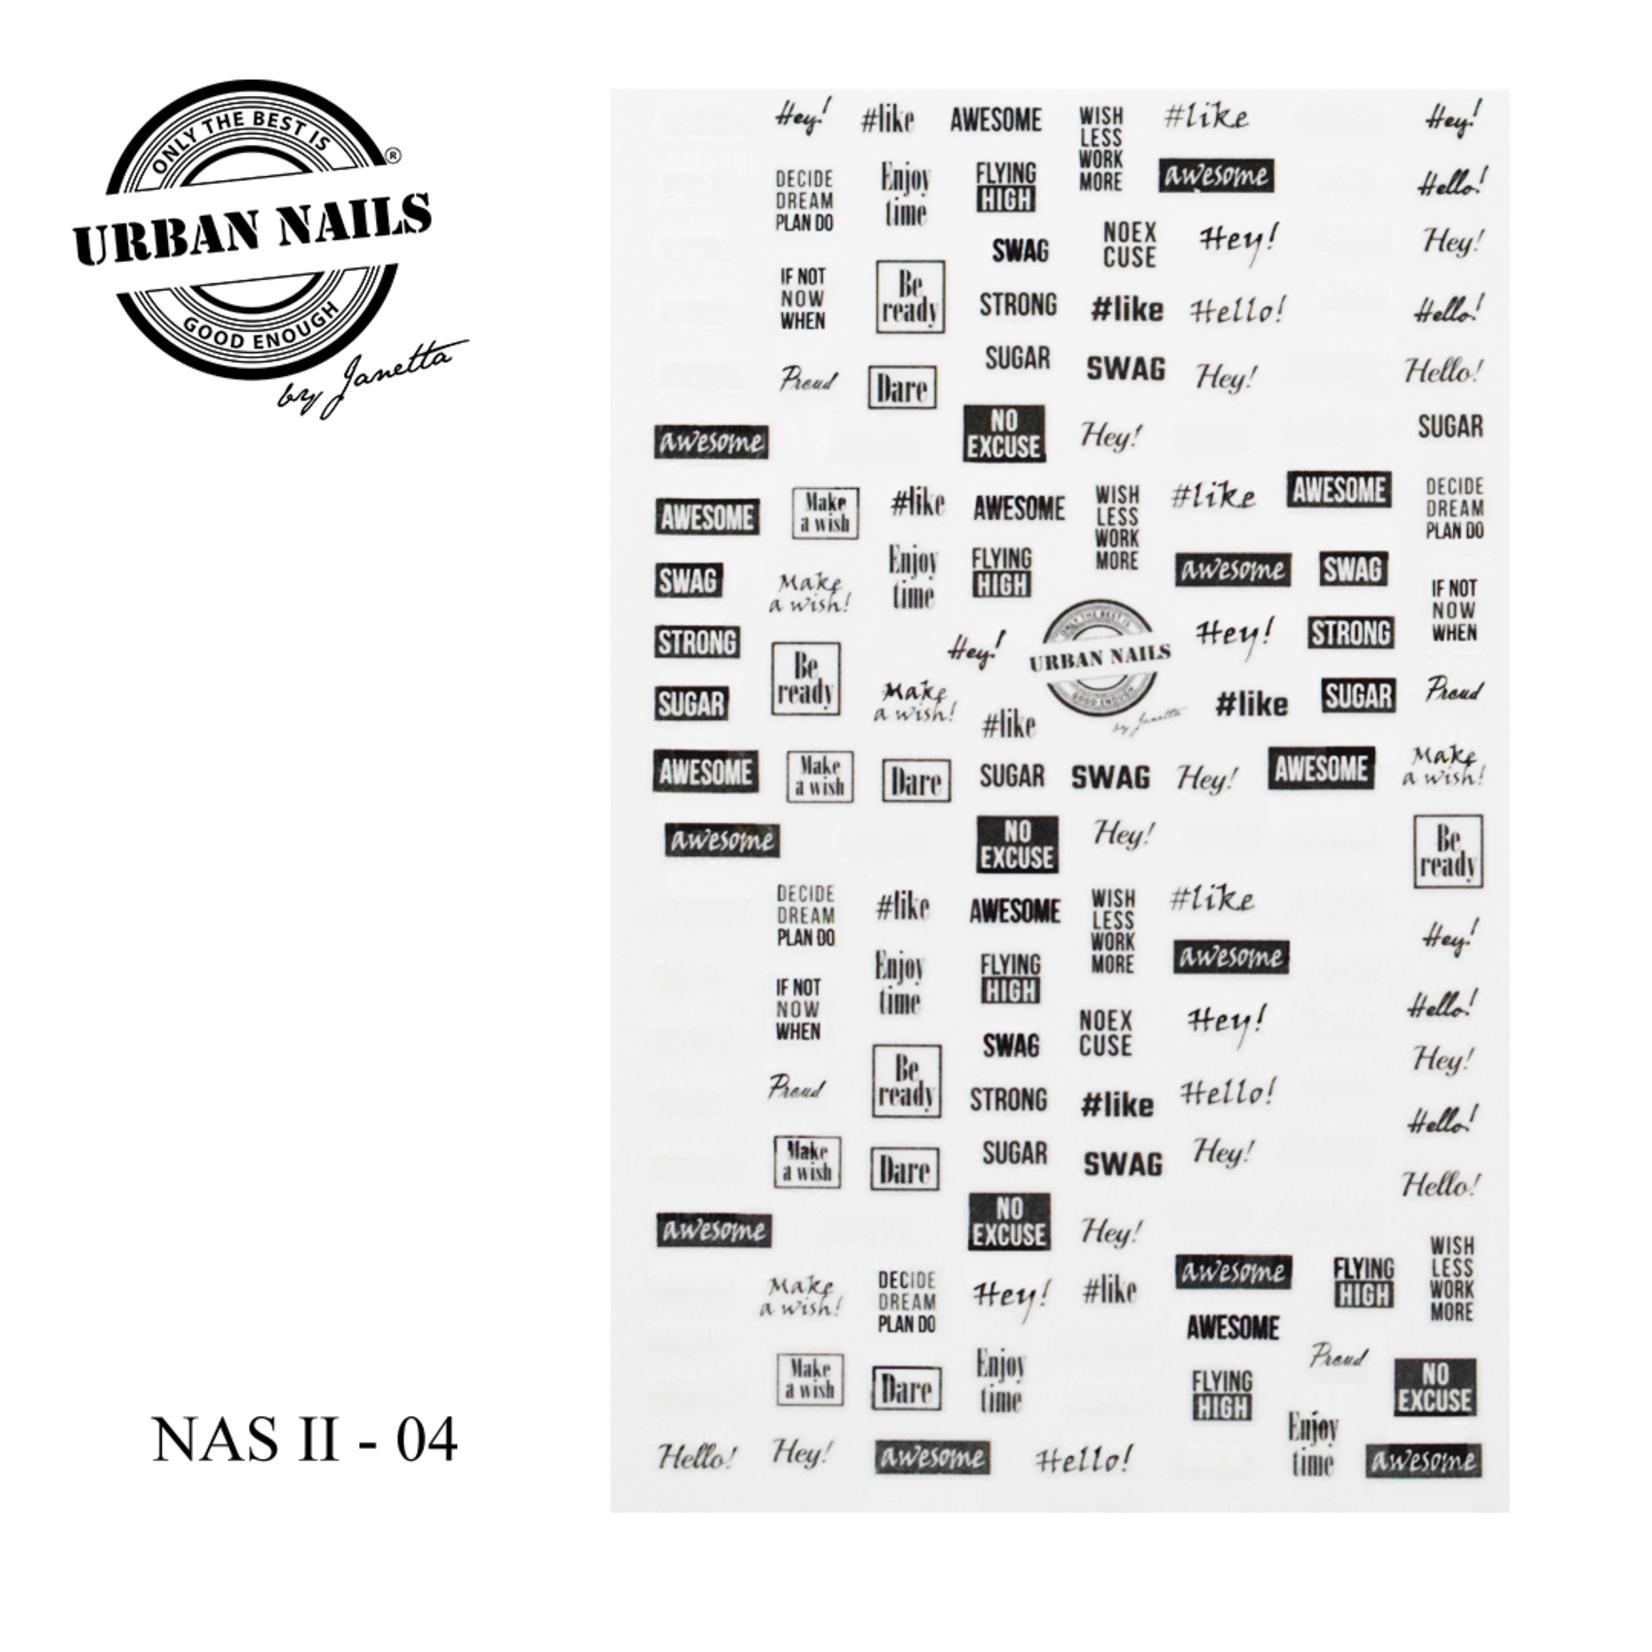 Urban Nails NAS 04